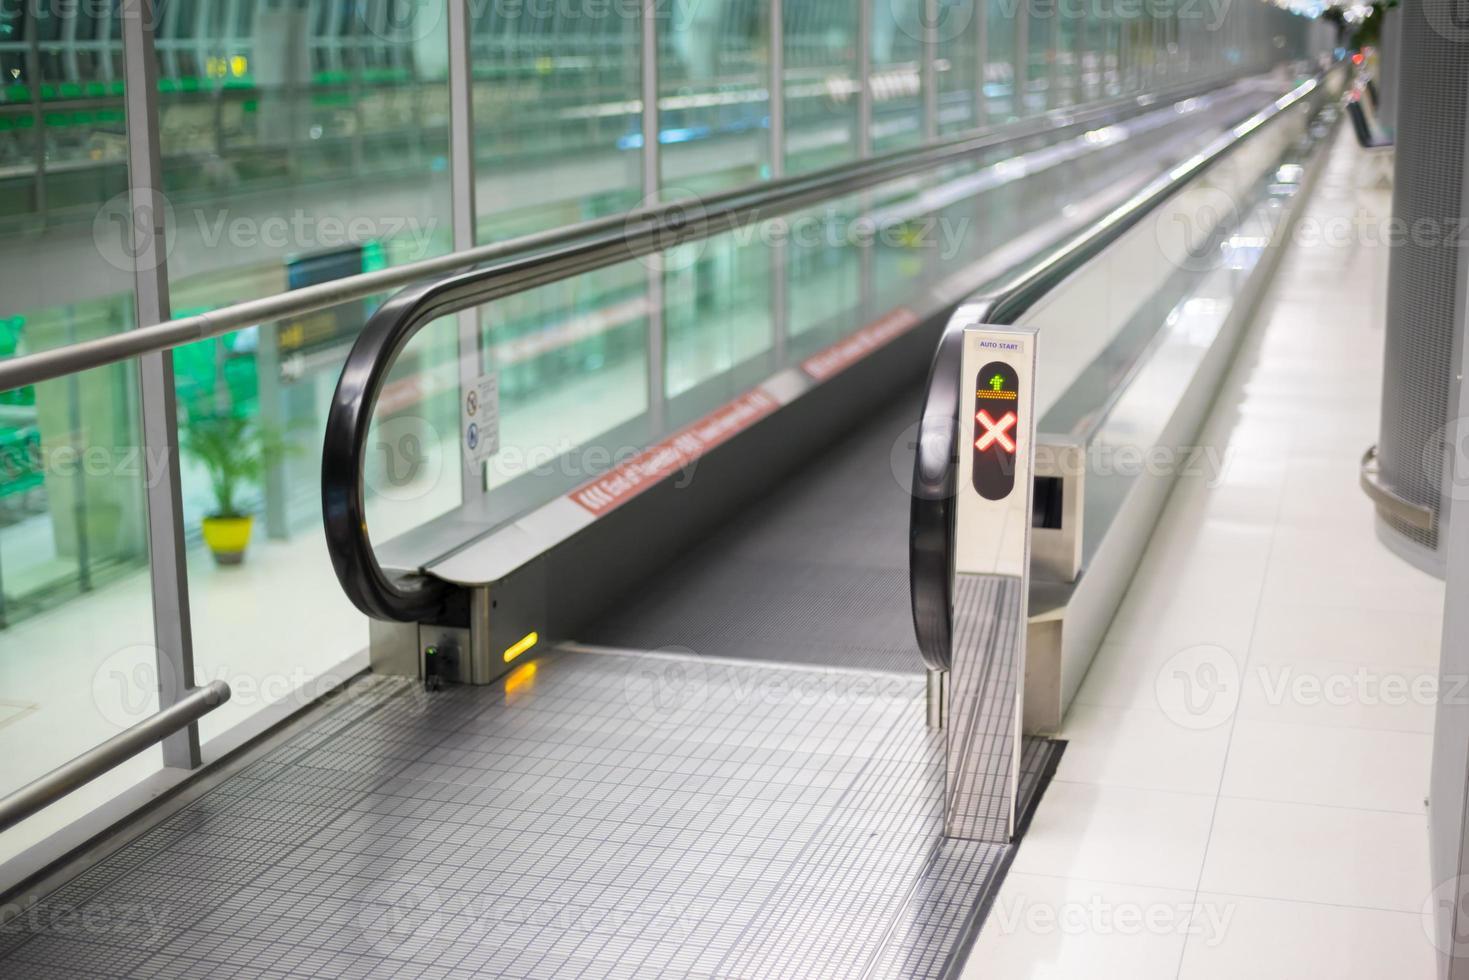 passerelles à l'aéroport pour les passagers photo